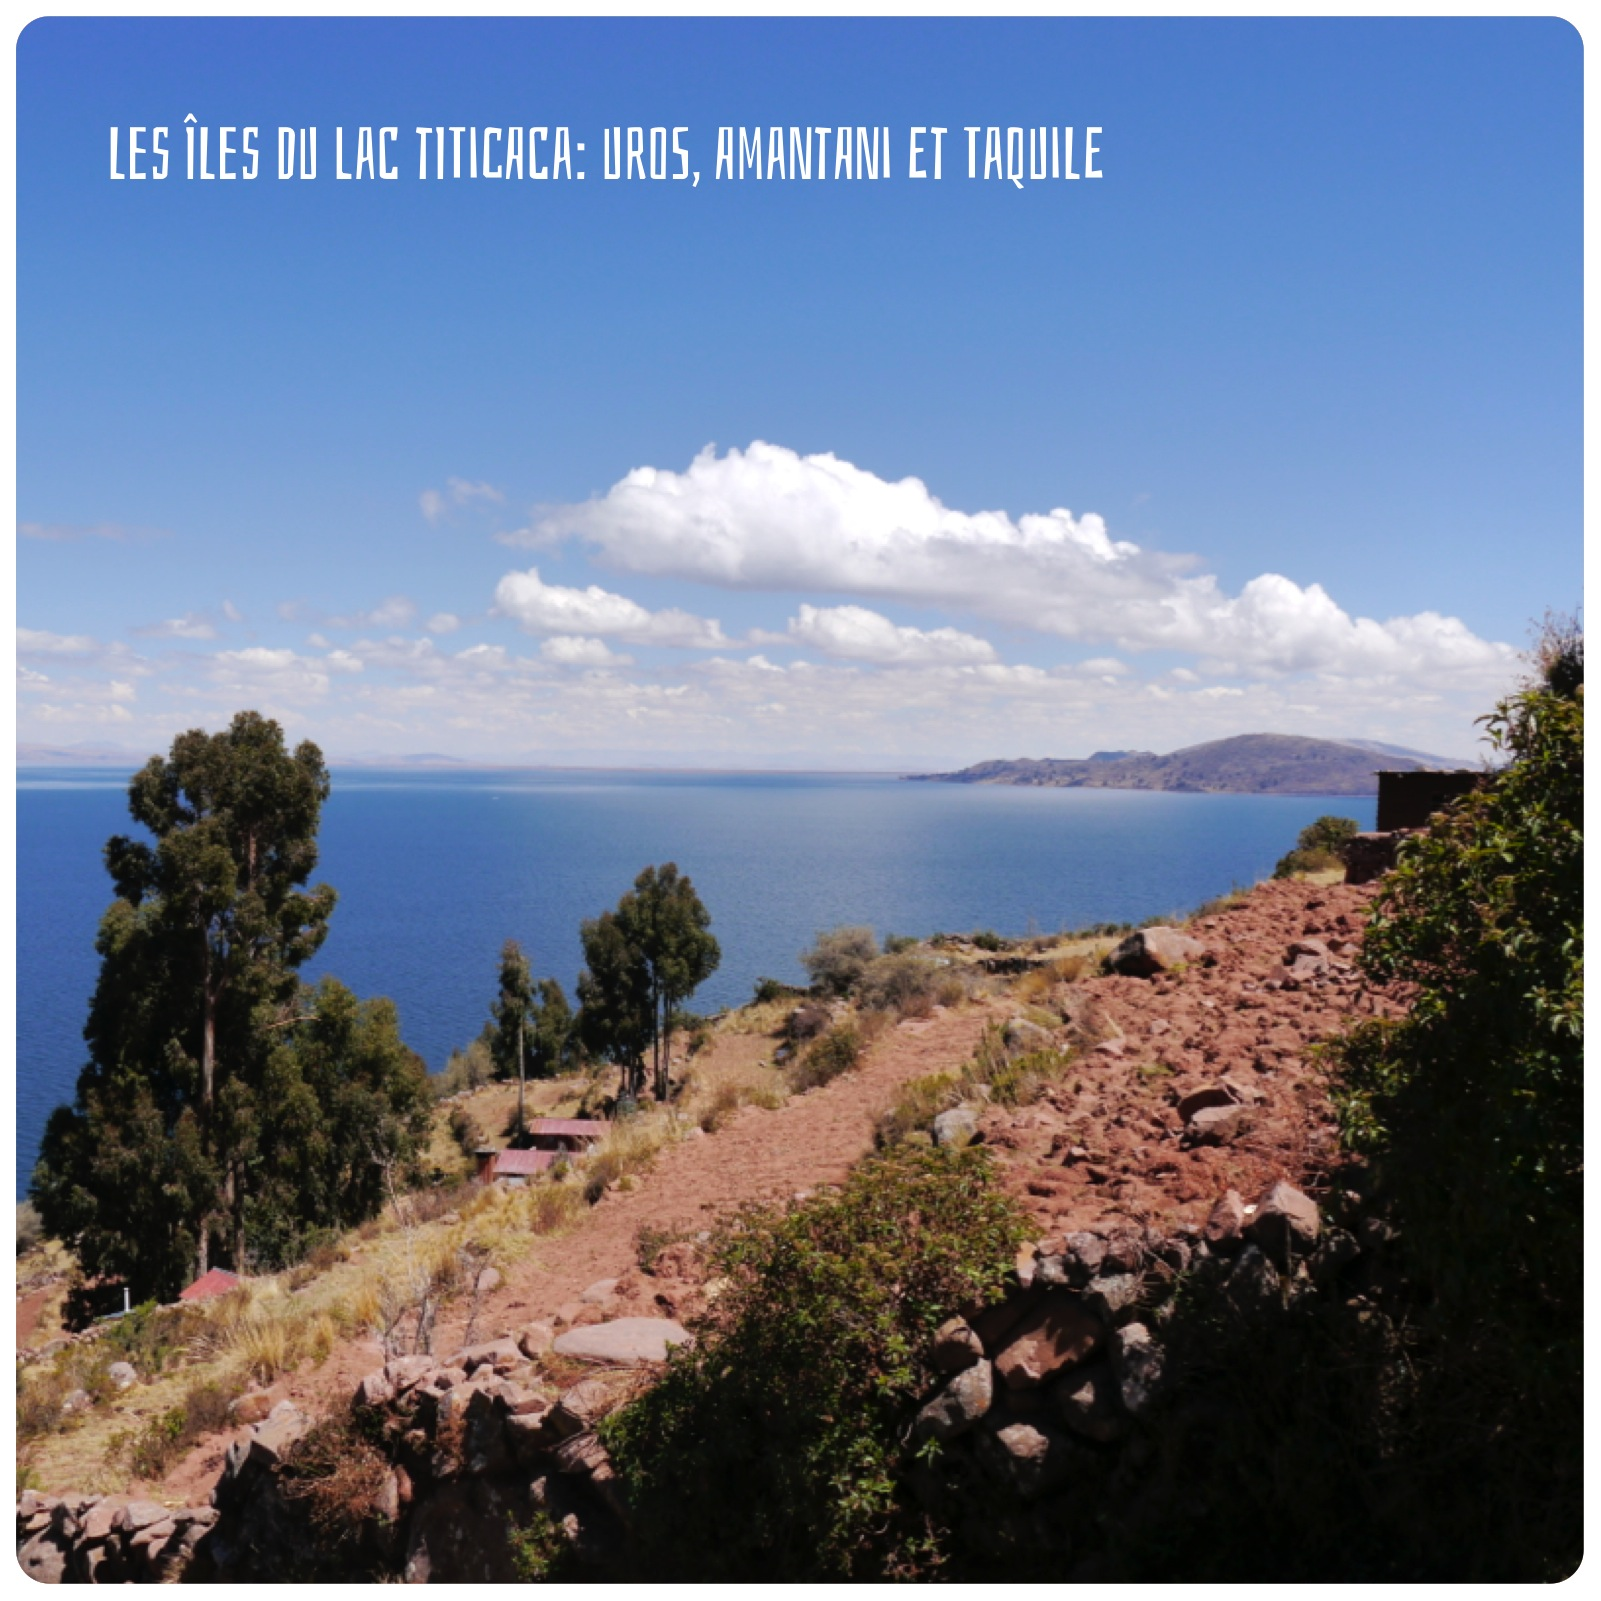 Les îles du Lac Titicaca en deux jours et sans agence